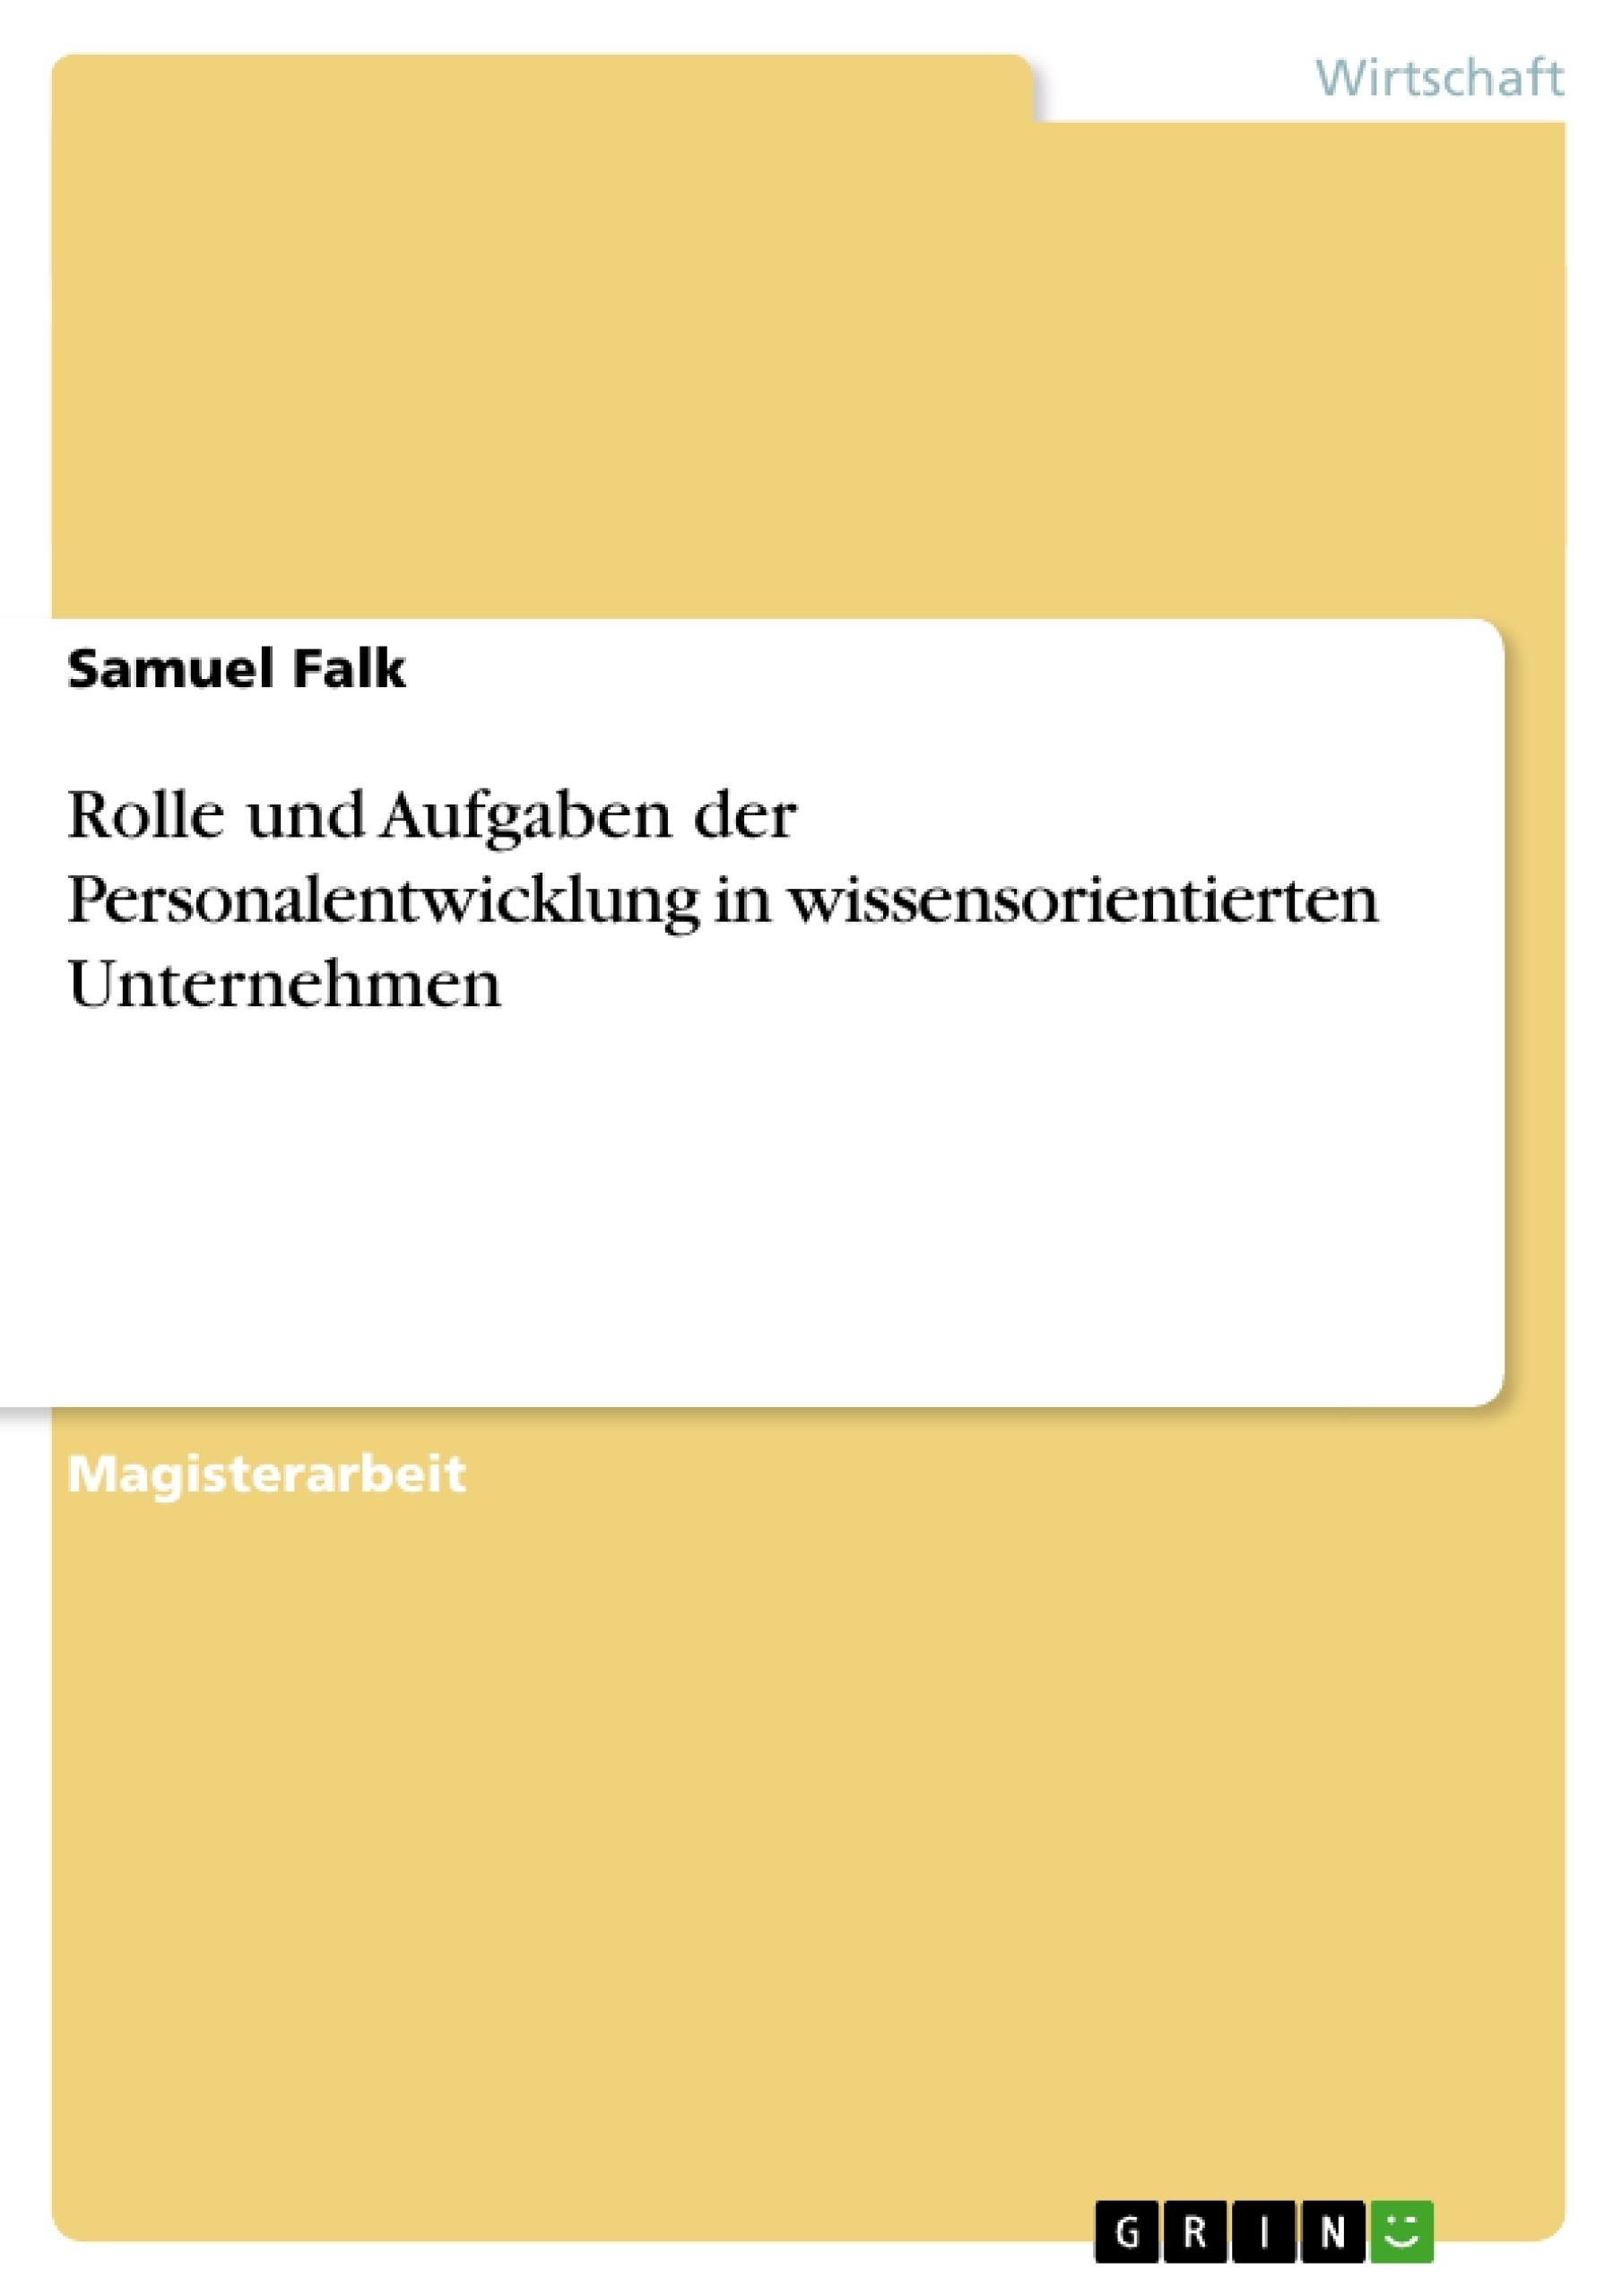 Titel: Rolle und Aufgaben der Personalentwicklung in wissensorientierten Unternehmen